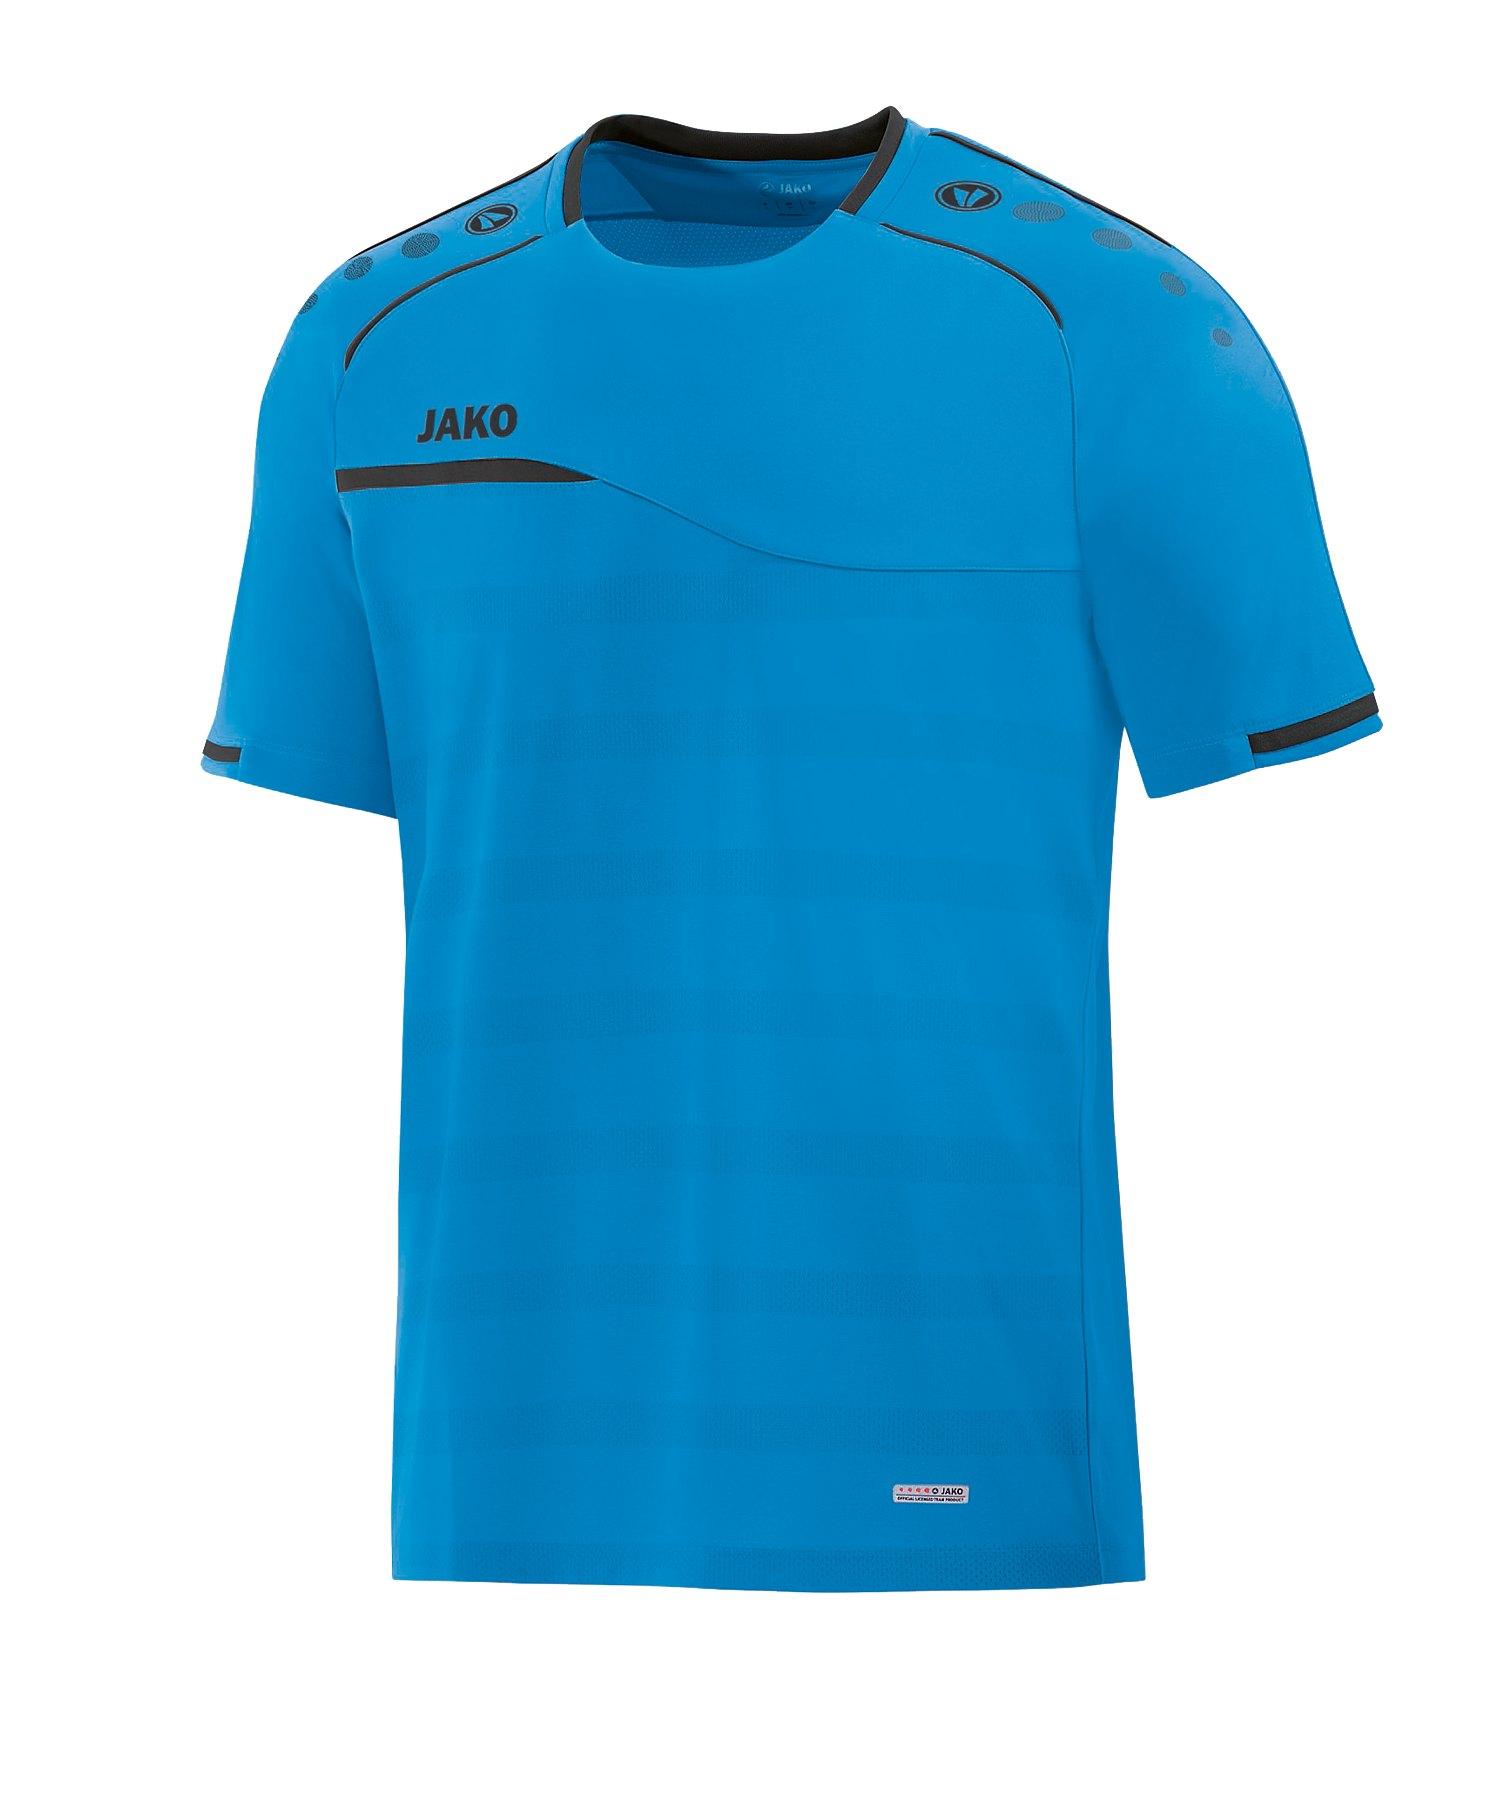 Jako Prestige T-Shirt Kids Blau Grau F21 - blau